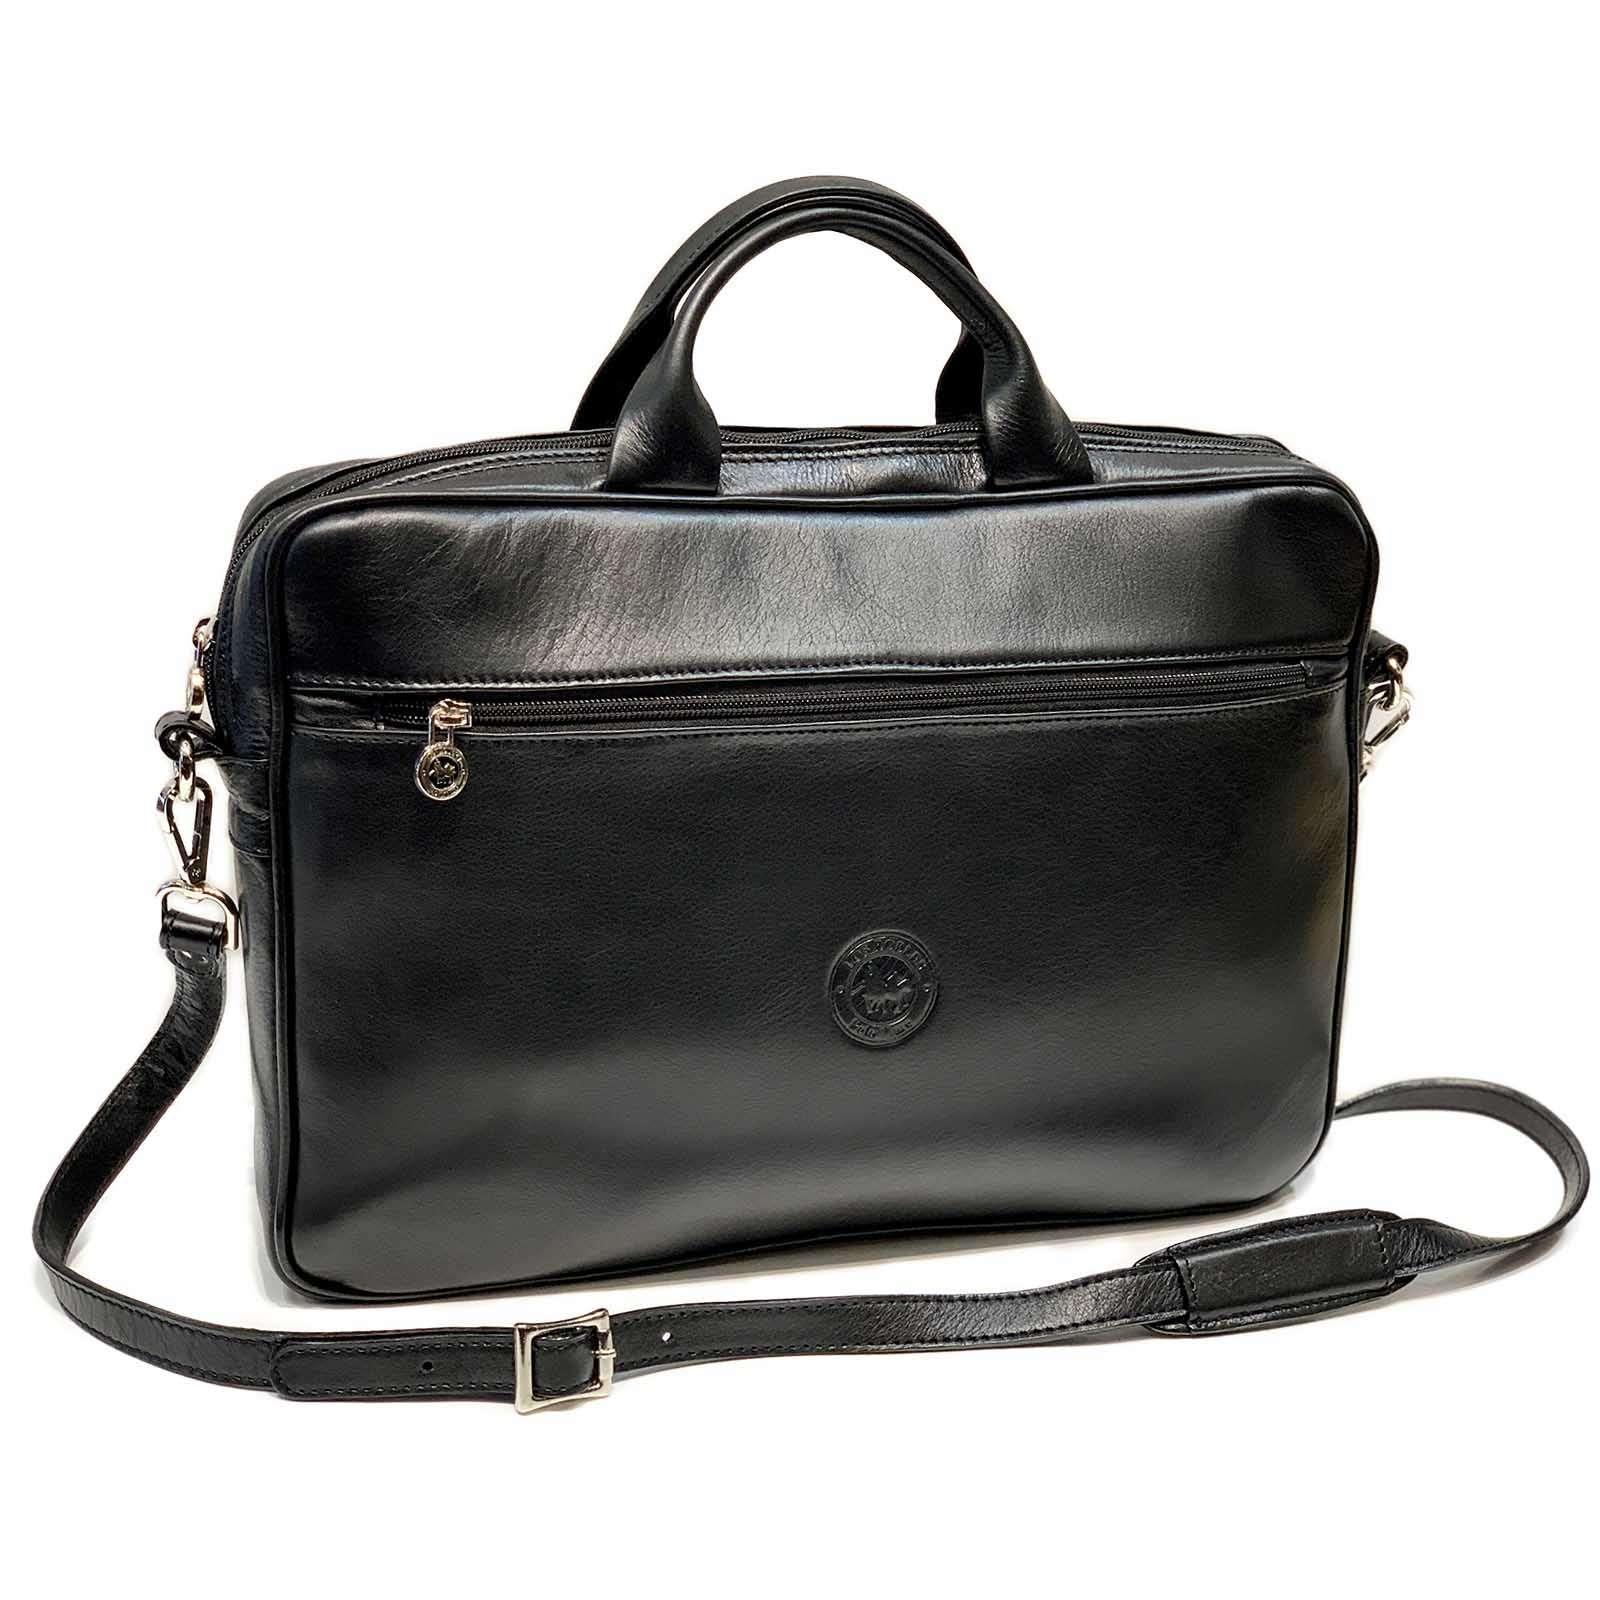 maletines-portafolios-de-cuero-hombre-ejecutivos-096701ago.jpg